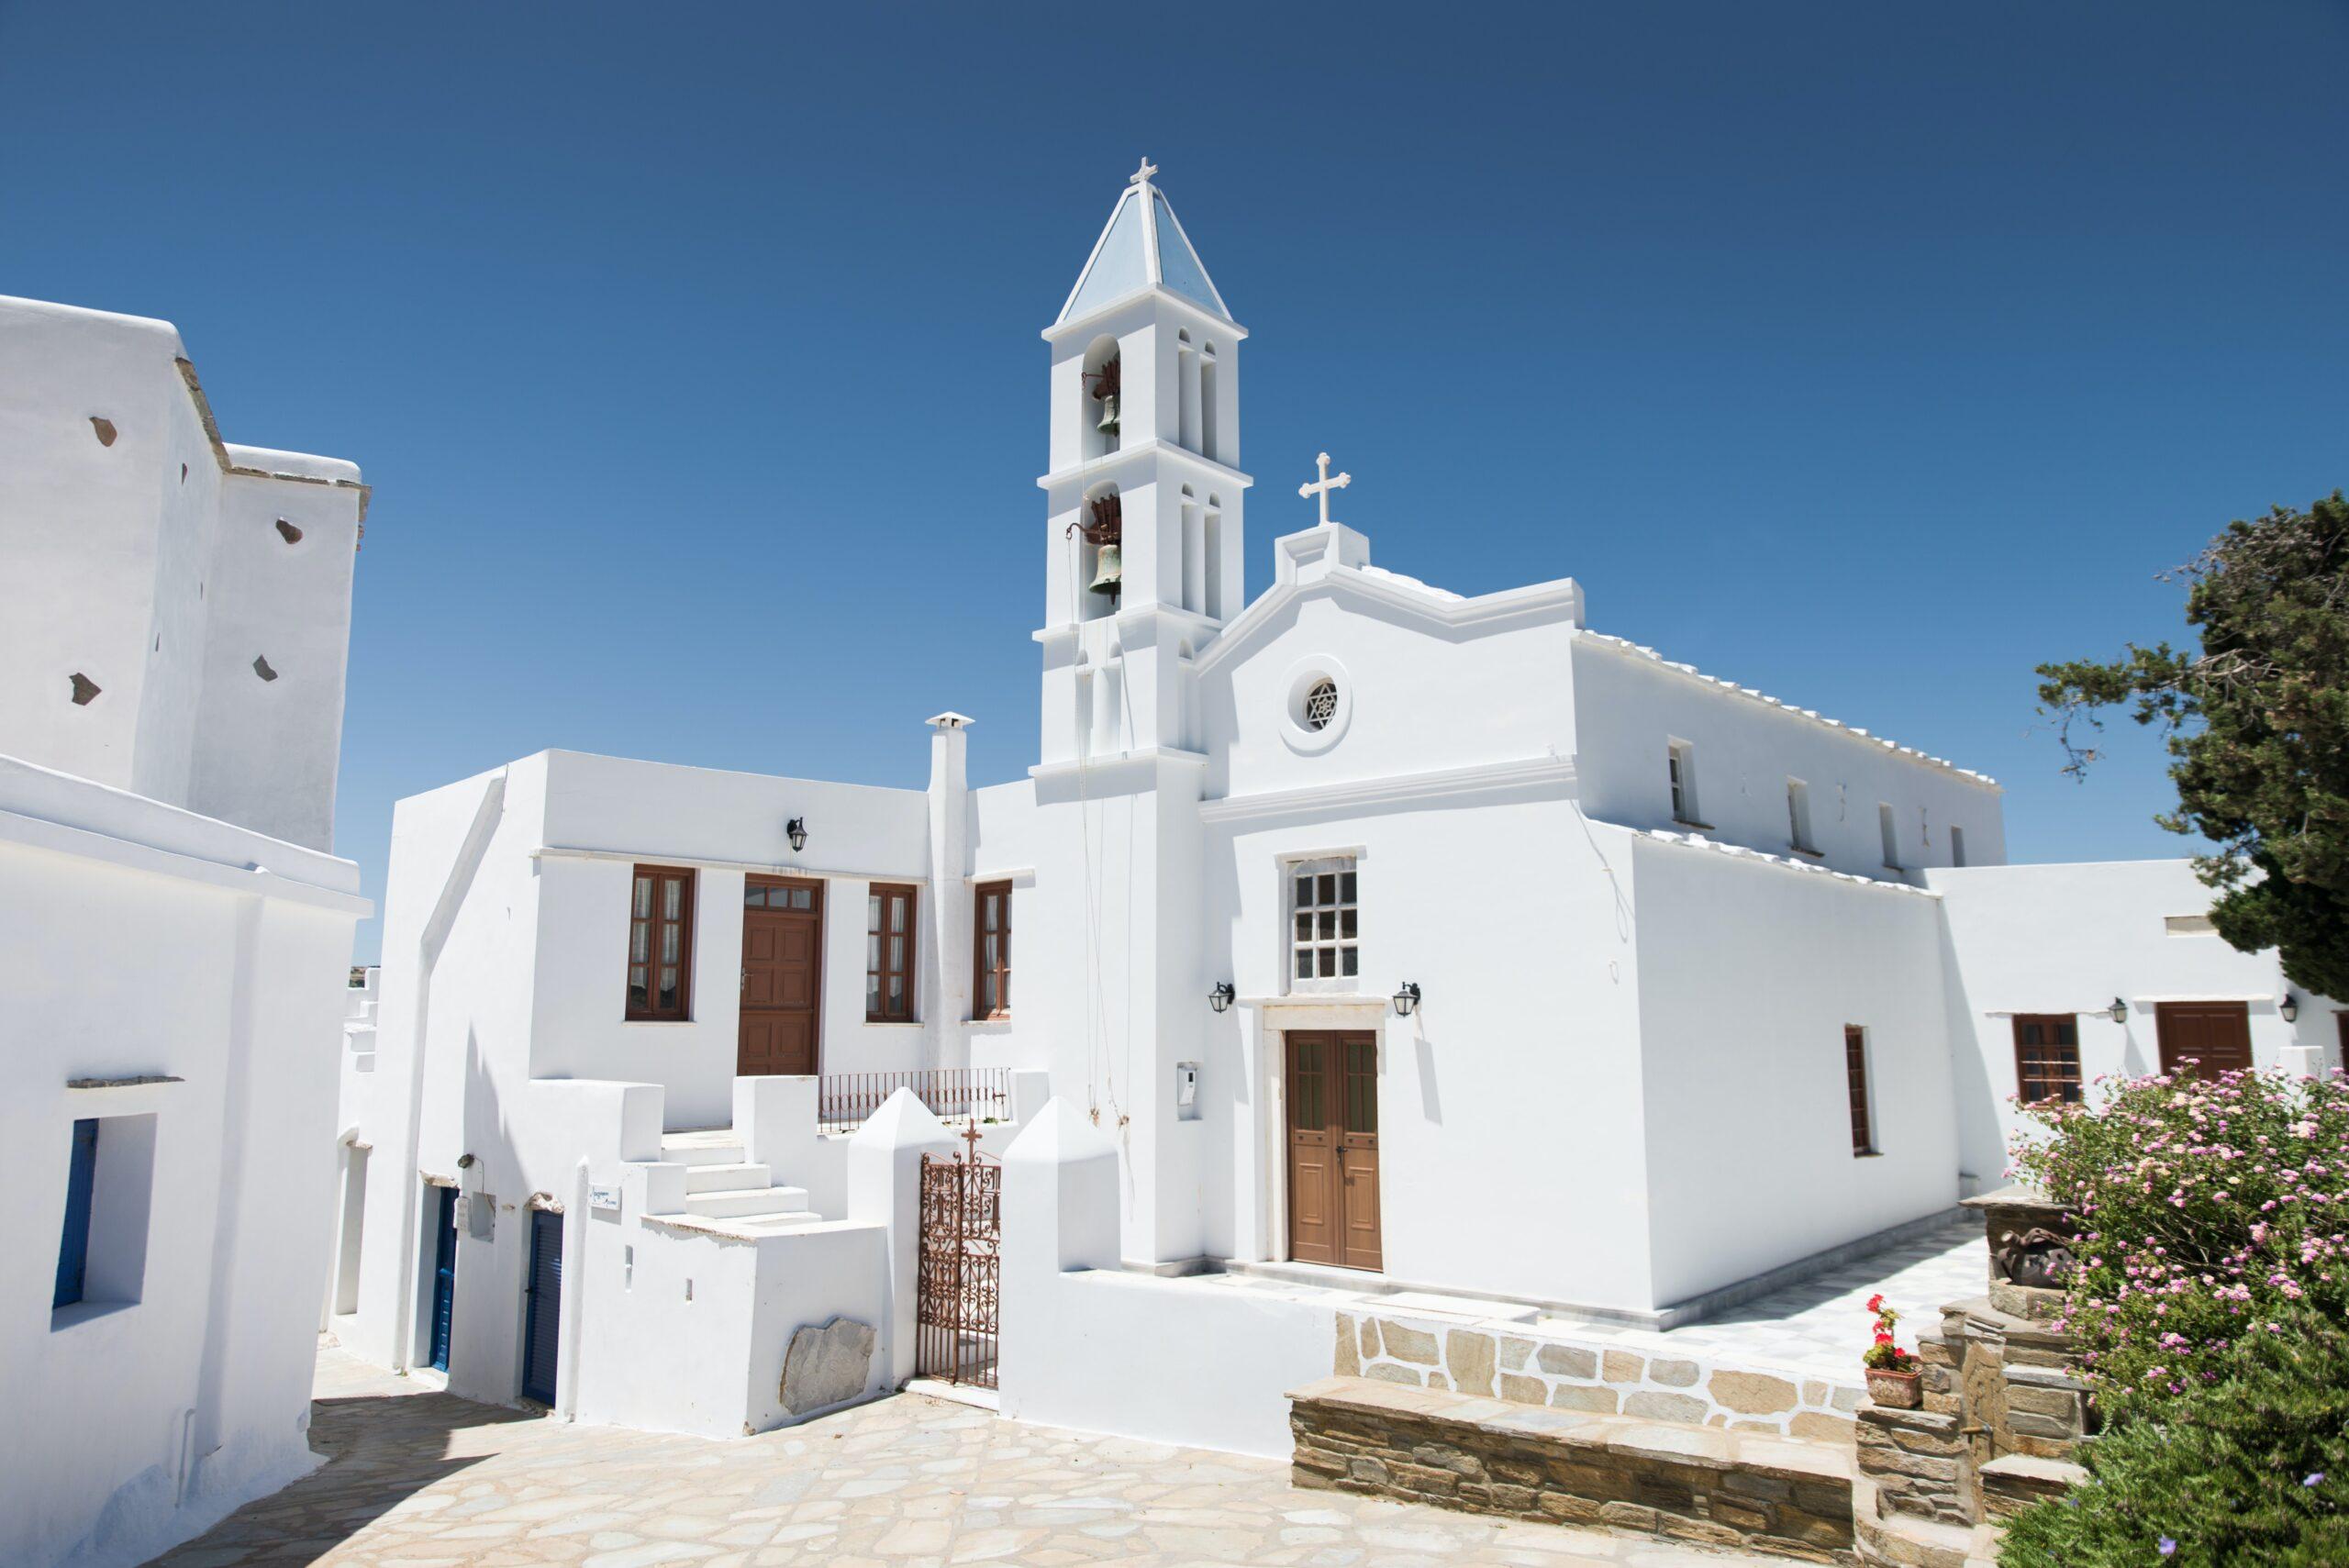 Tinos at Cyclades islands